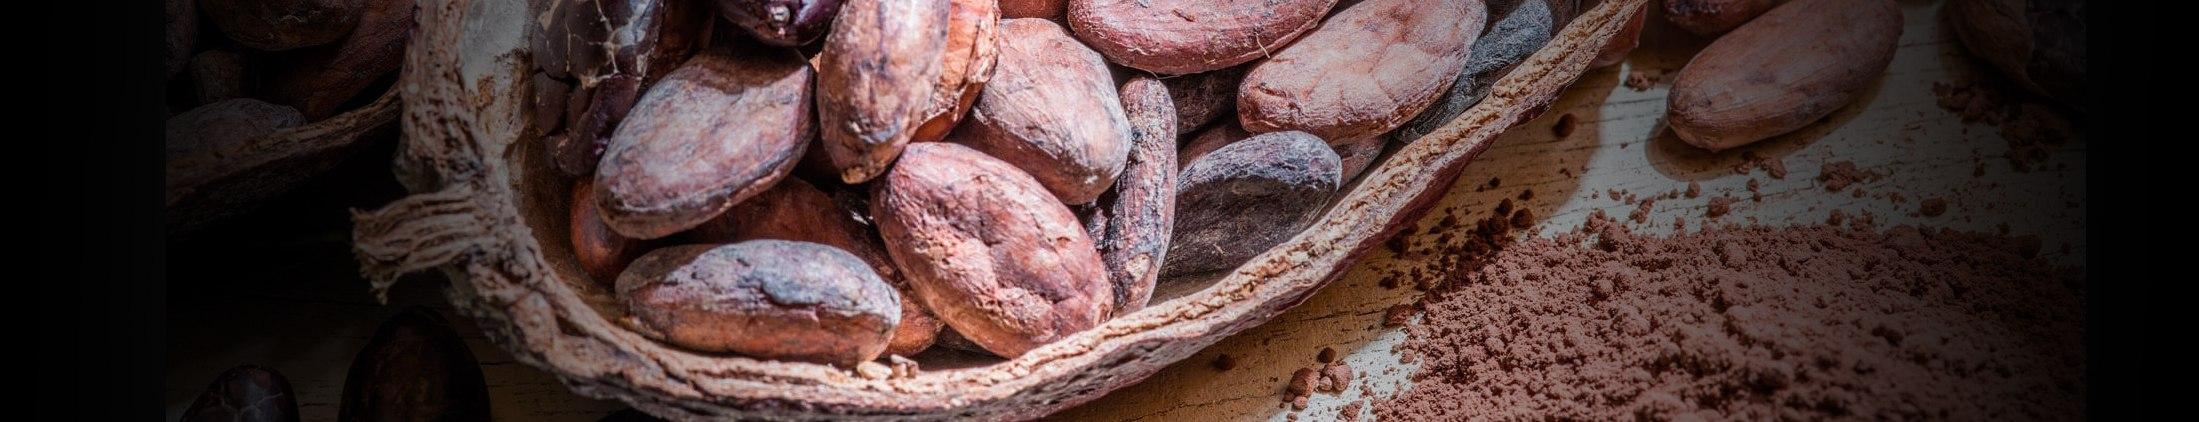 Ontdek hoe onze ingrediënten de beste pralines garanderen